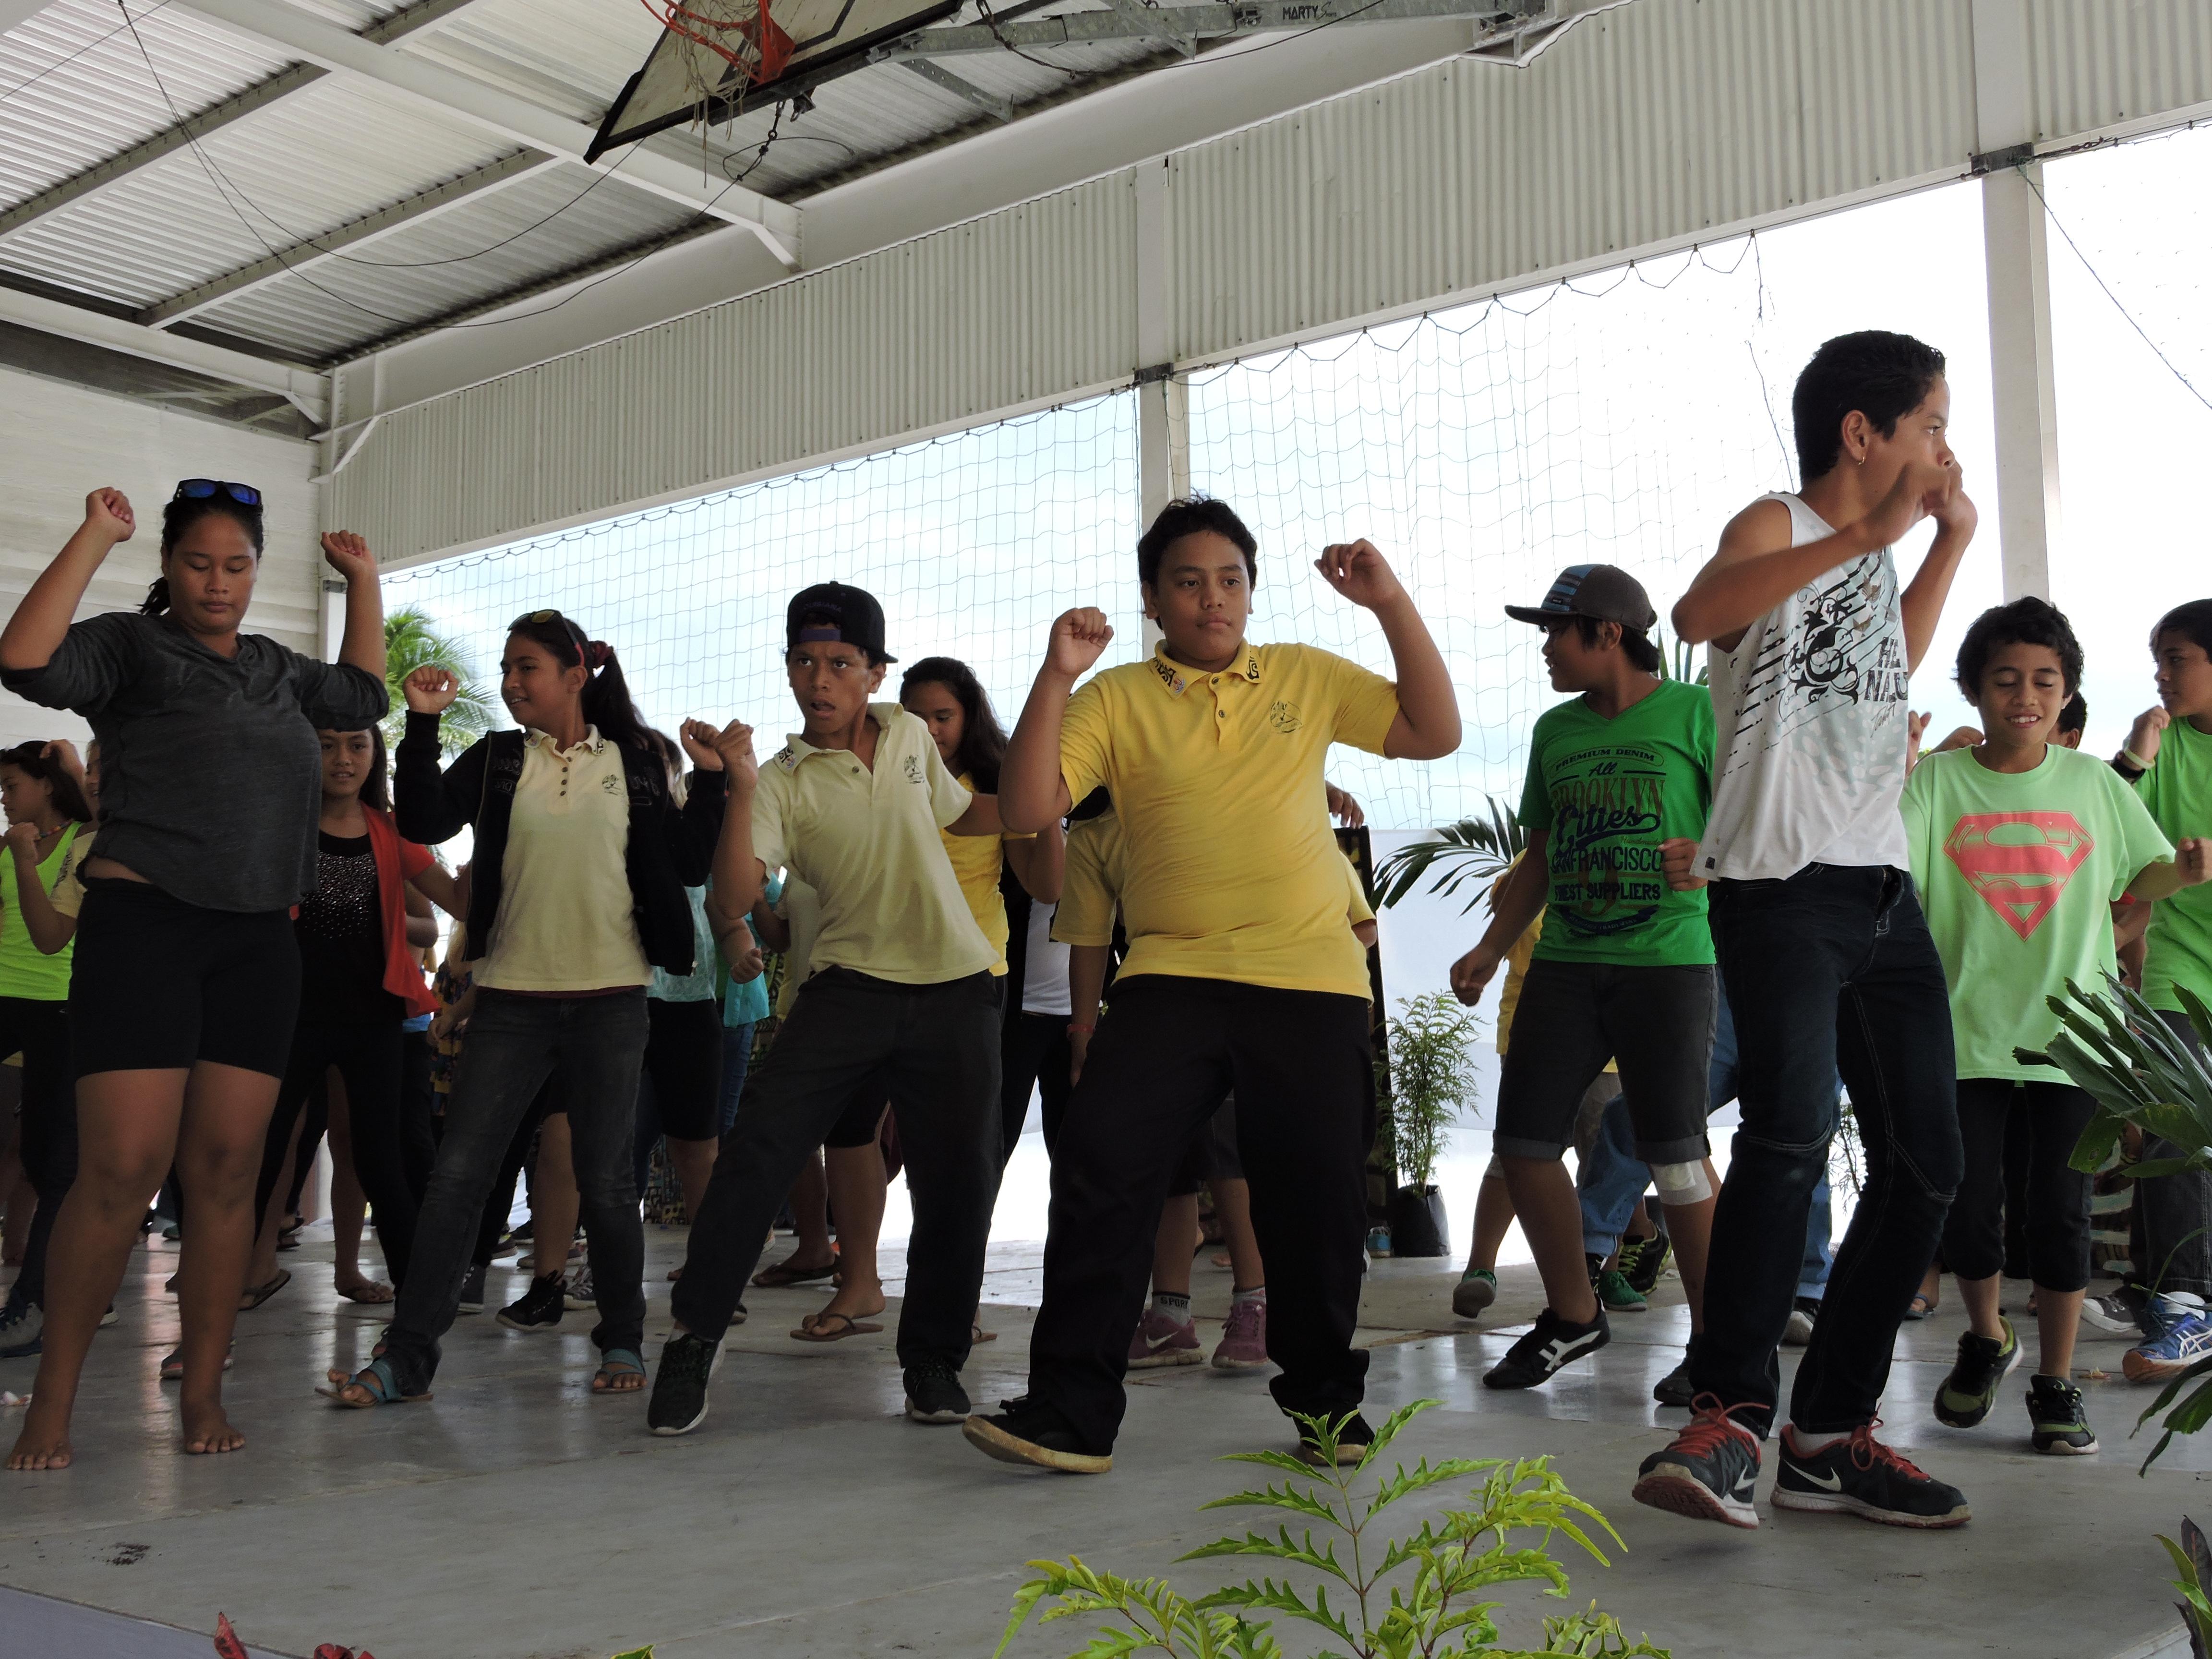 Les élèves de 6e ont dansé devant le public.